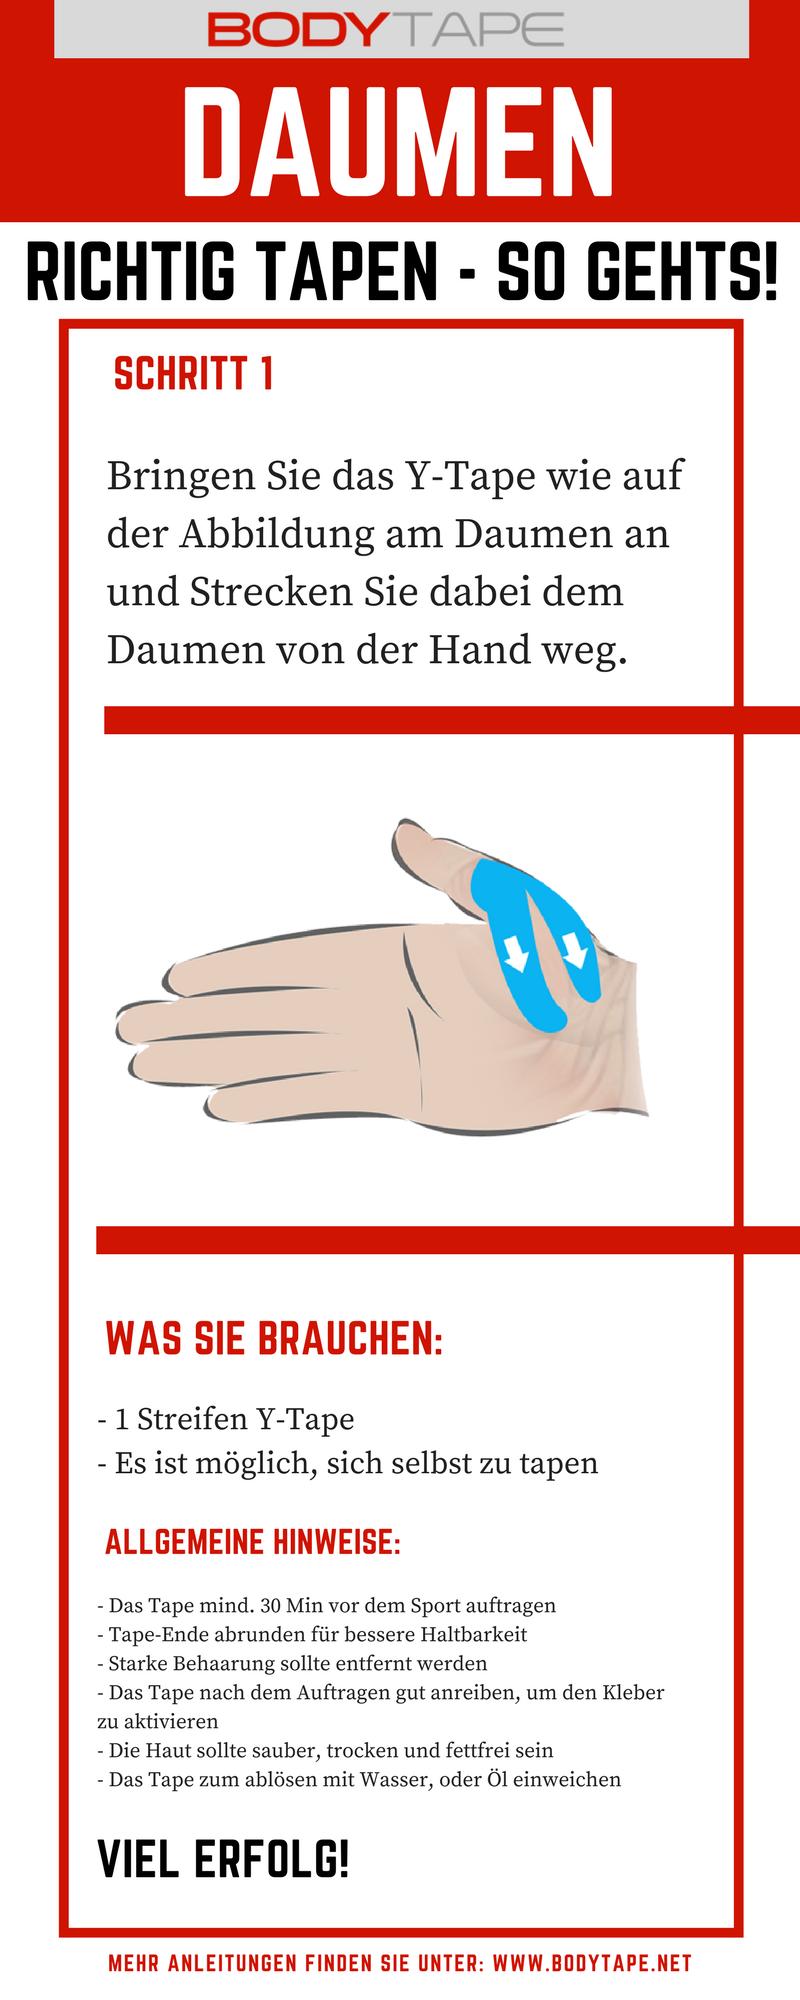 Gemütlich Daumen Der Rechten Hand Anatomie Fotos - Menschliche ...